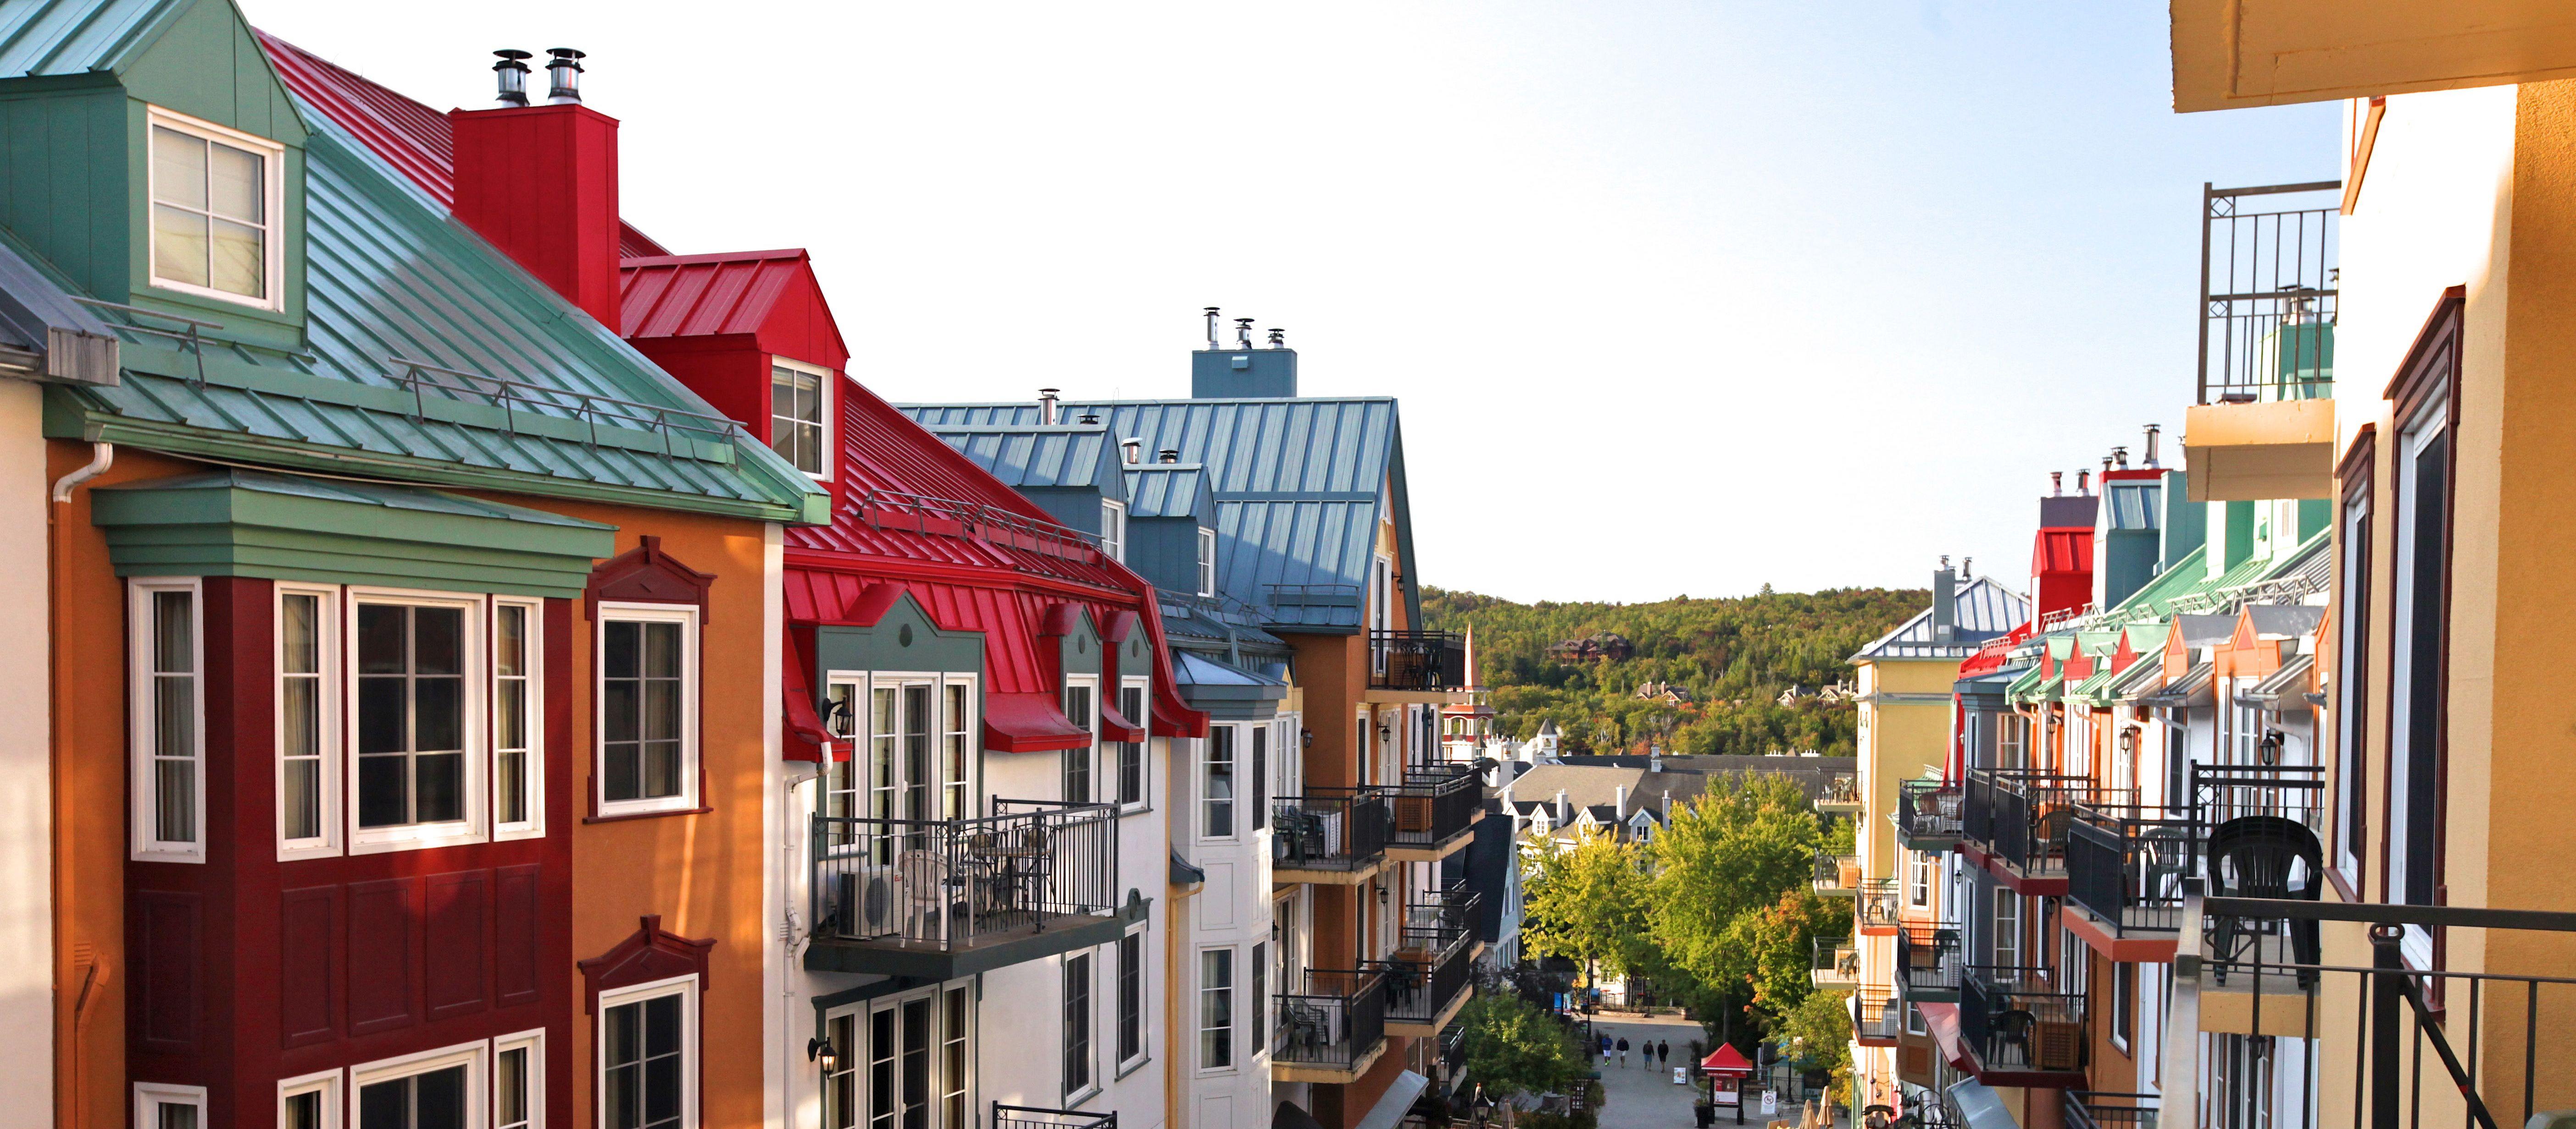 Les Suites Tremblant - Place Saint Bernard, Blick vom Balkon auf die Straße